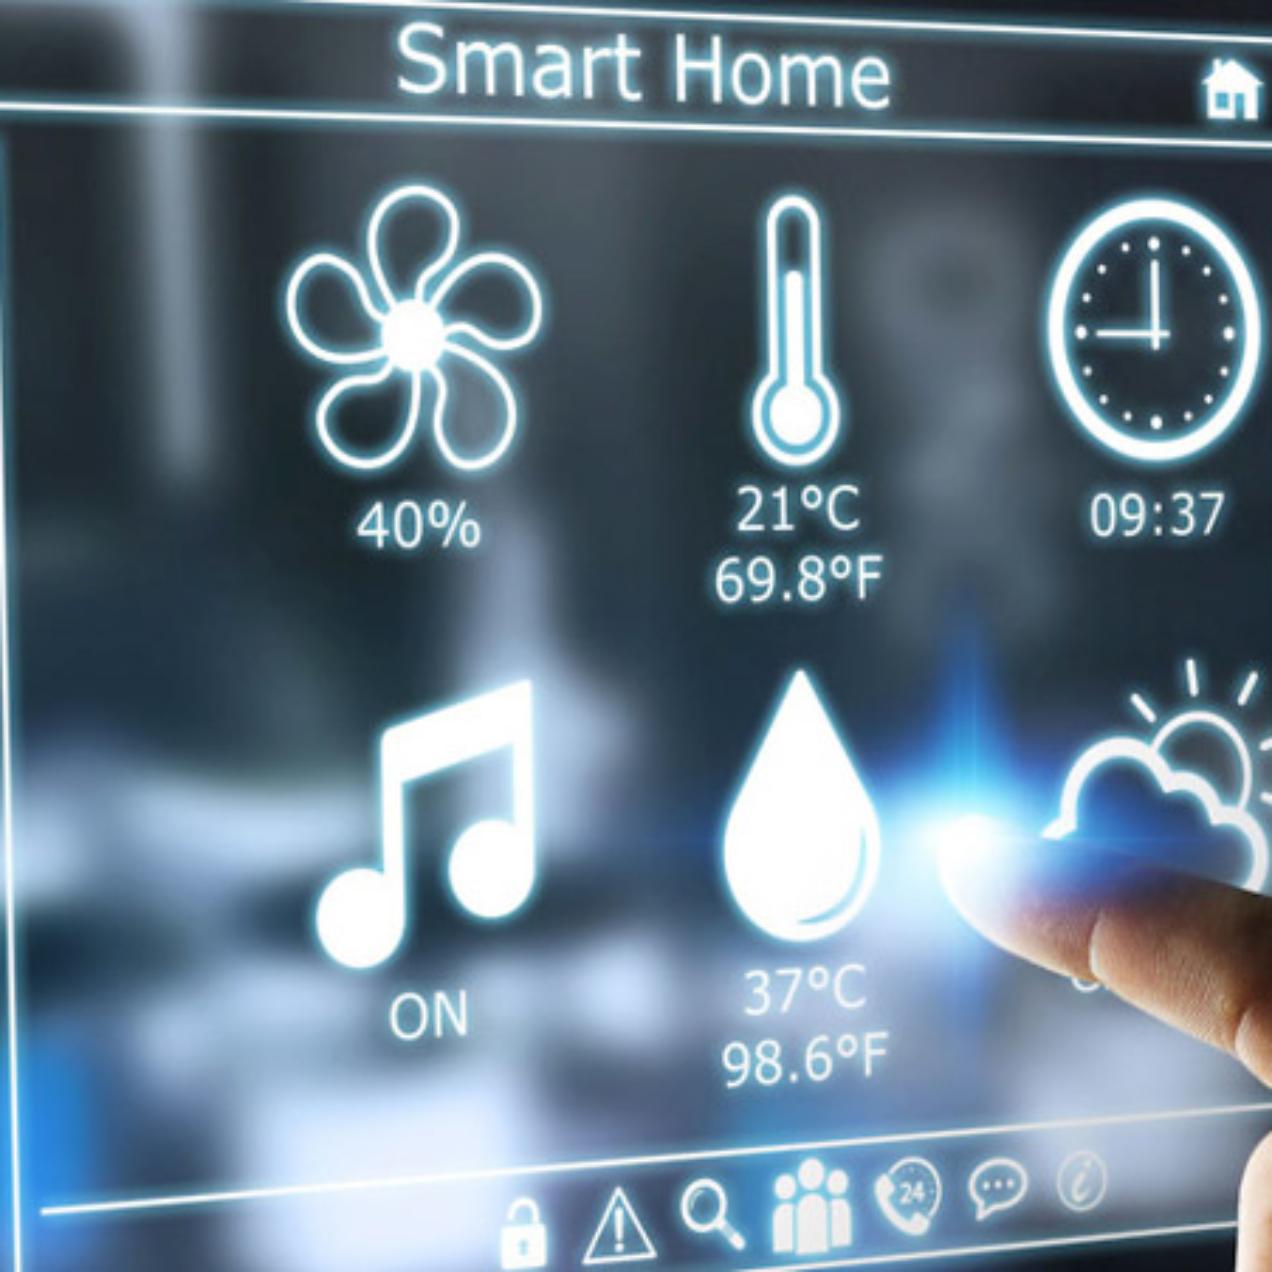 Casa smart, come risparmiare grazie alla domotica